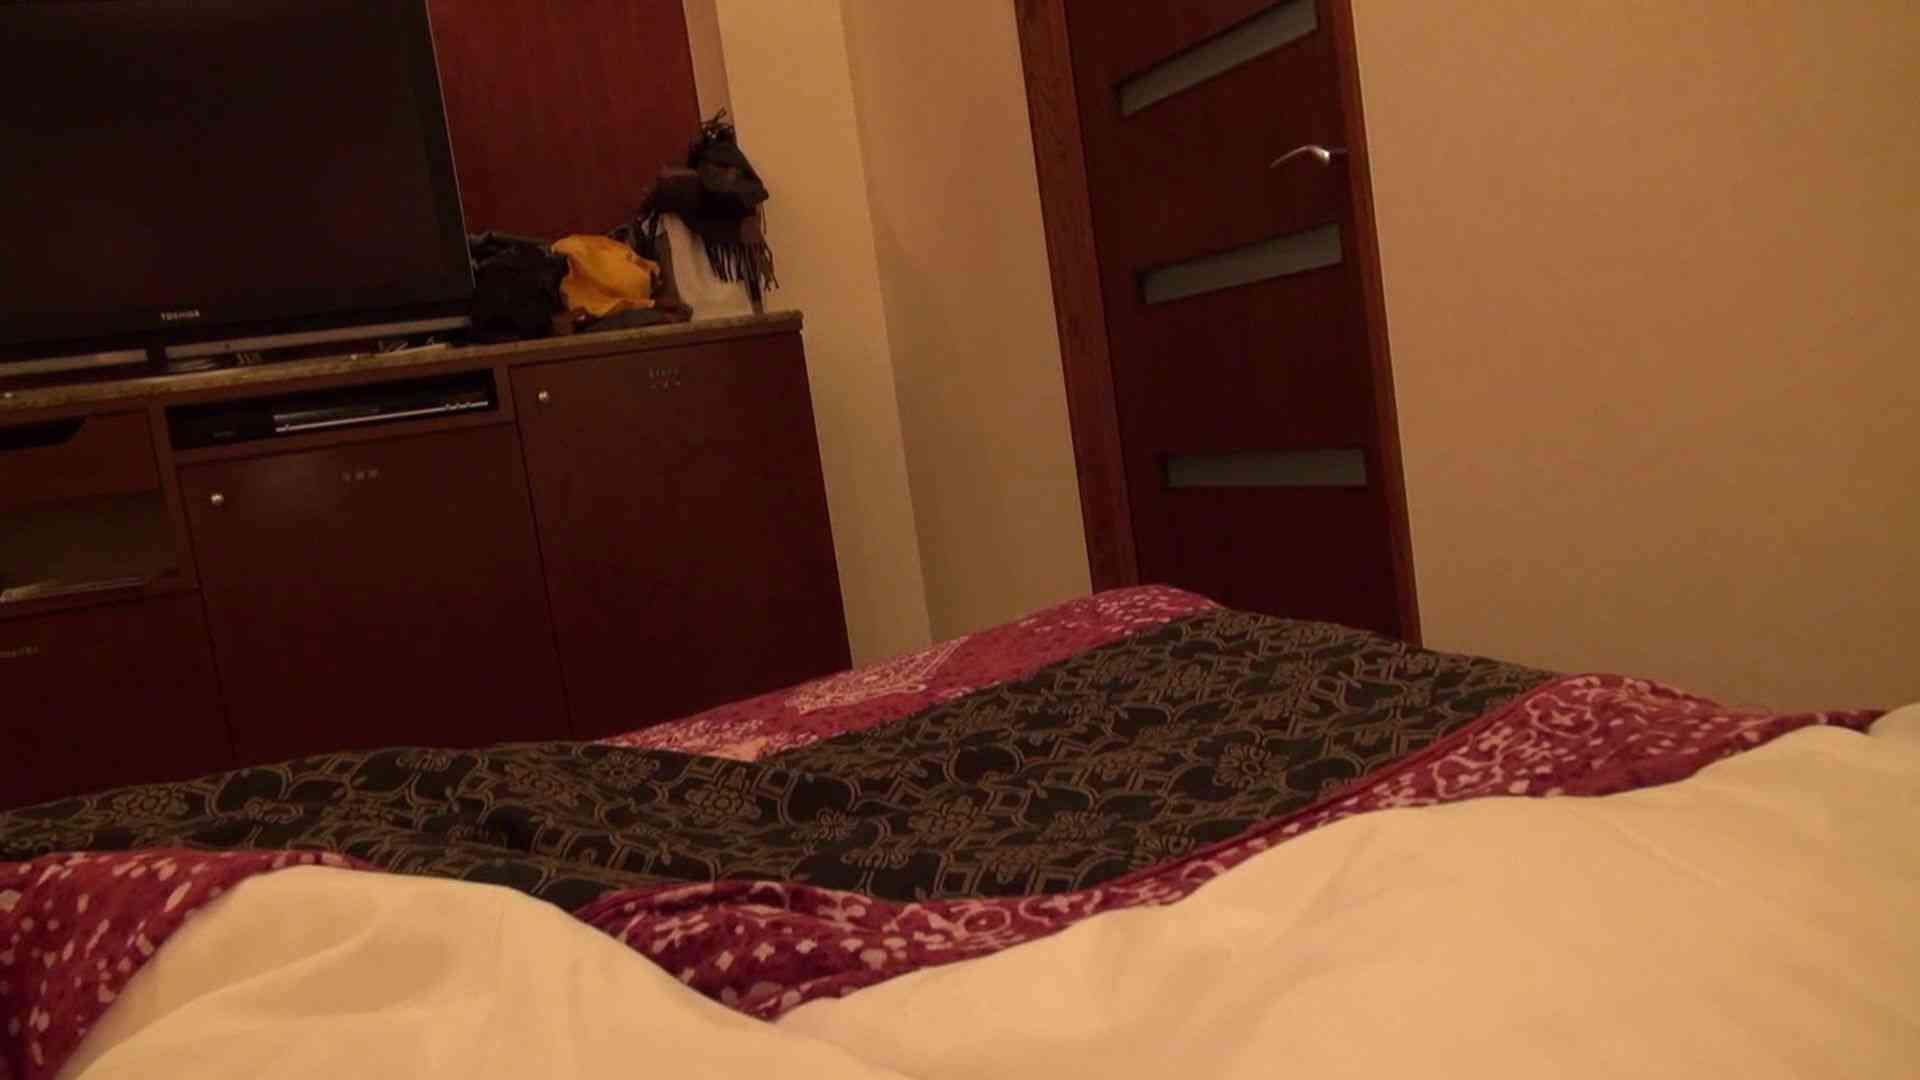 S級厳選美女ビッチガールVol.52 前編 OLエロ画像 隠し撮りおまんこ動画流出 42PICs 34